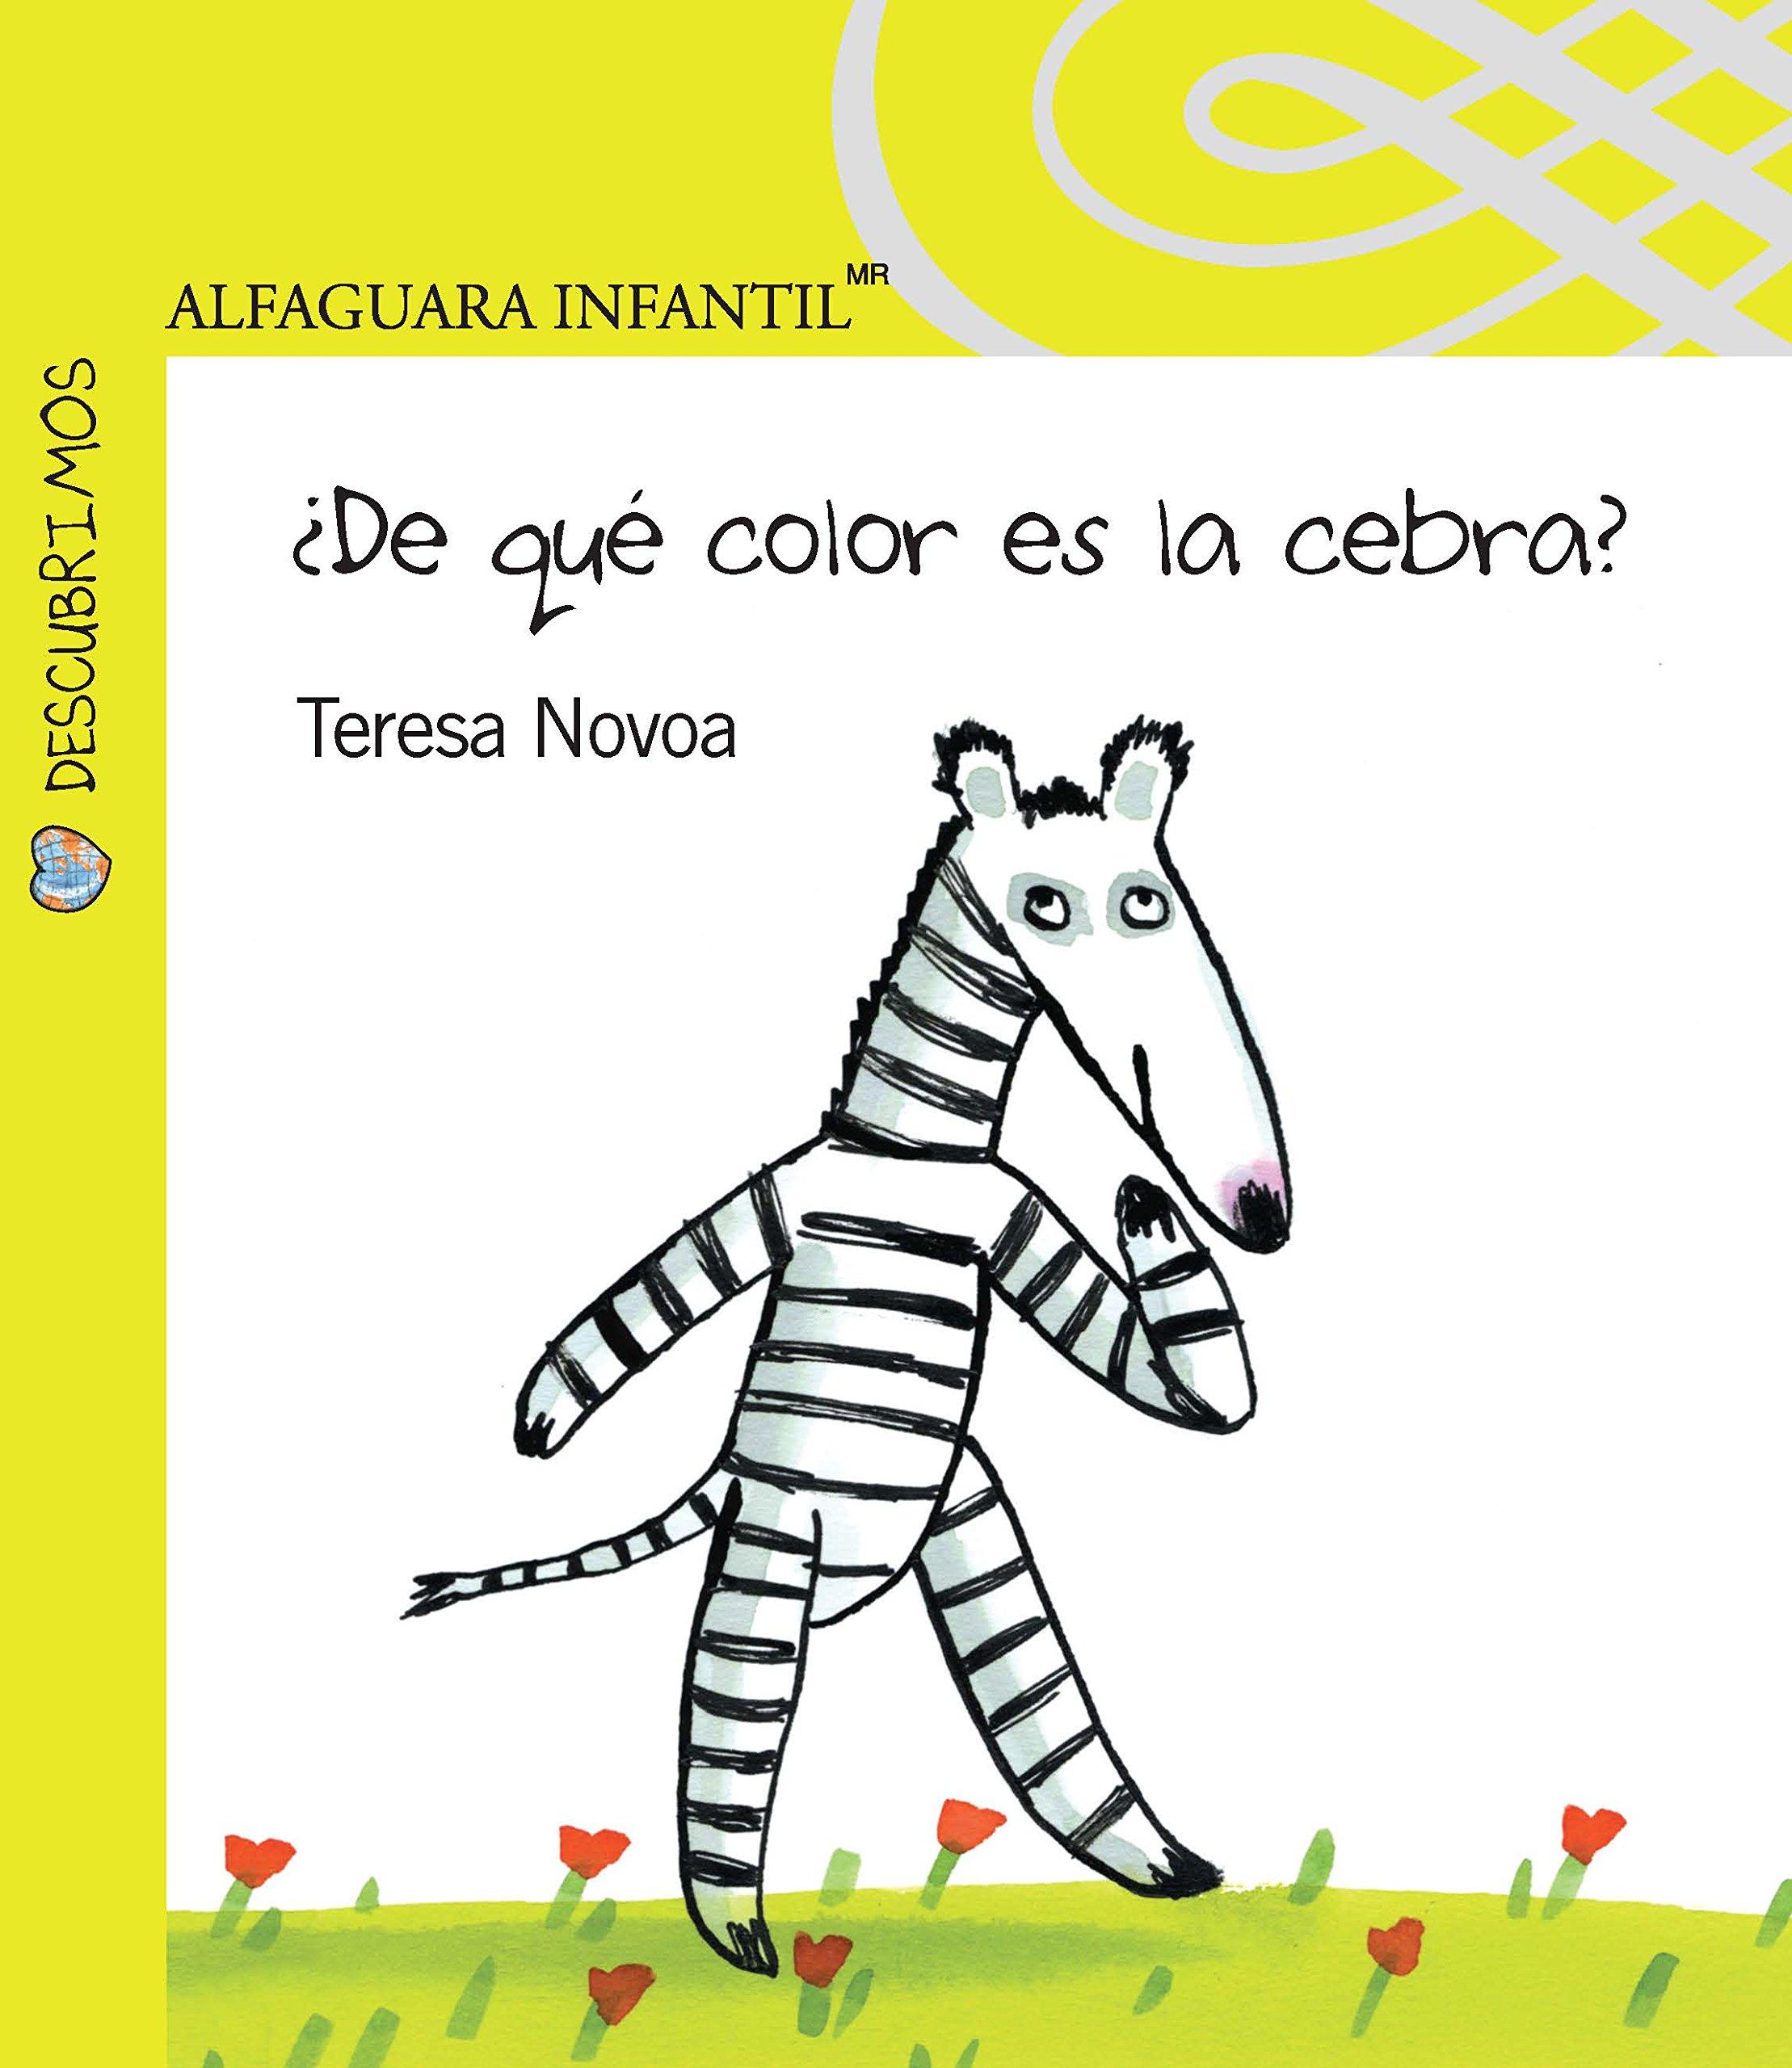 De que color es la cebra?: Teresa Novoa: Amazon.com.mx: Libros